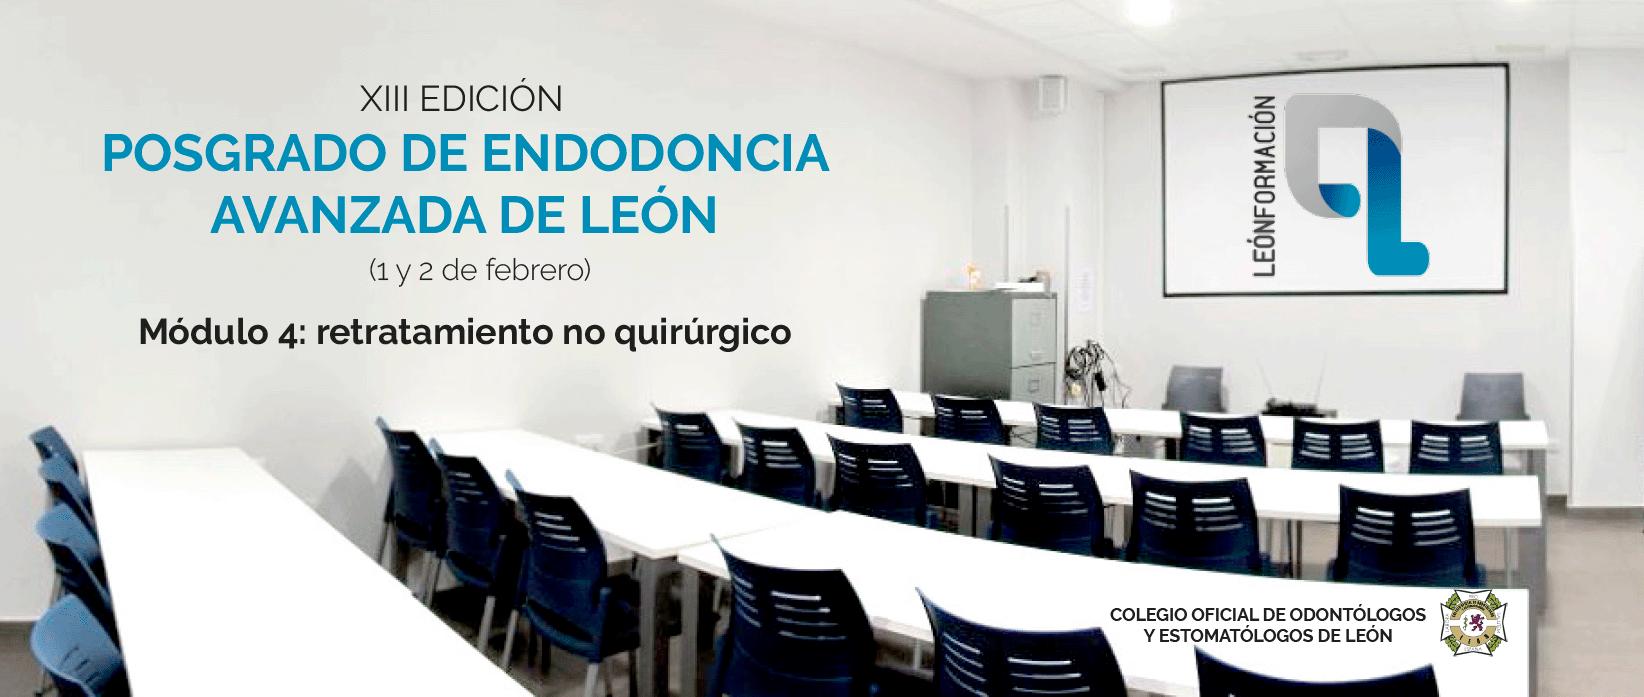 Posgrado de endodoncia avanzada de León Formación. Módulo 4: retratamiento no quirúrgico